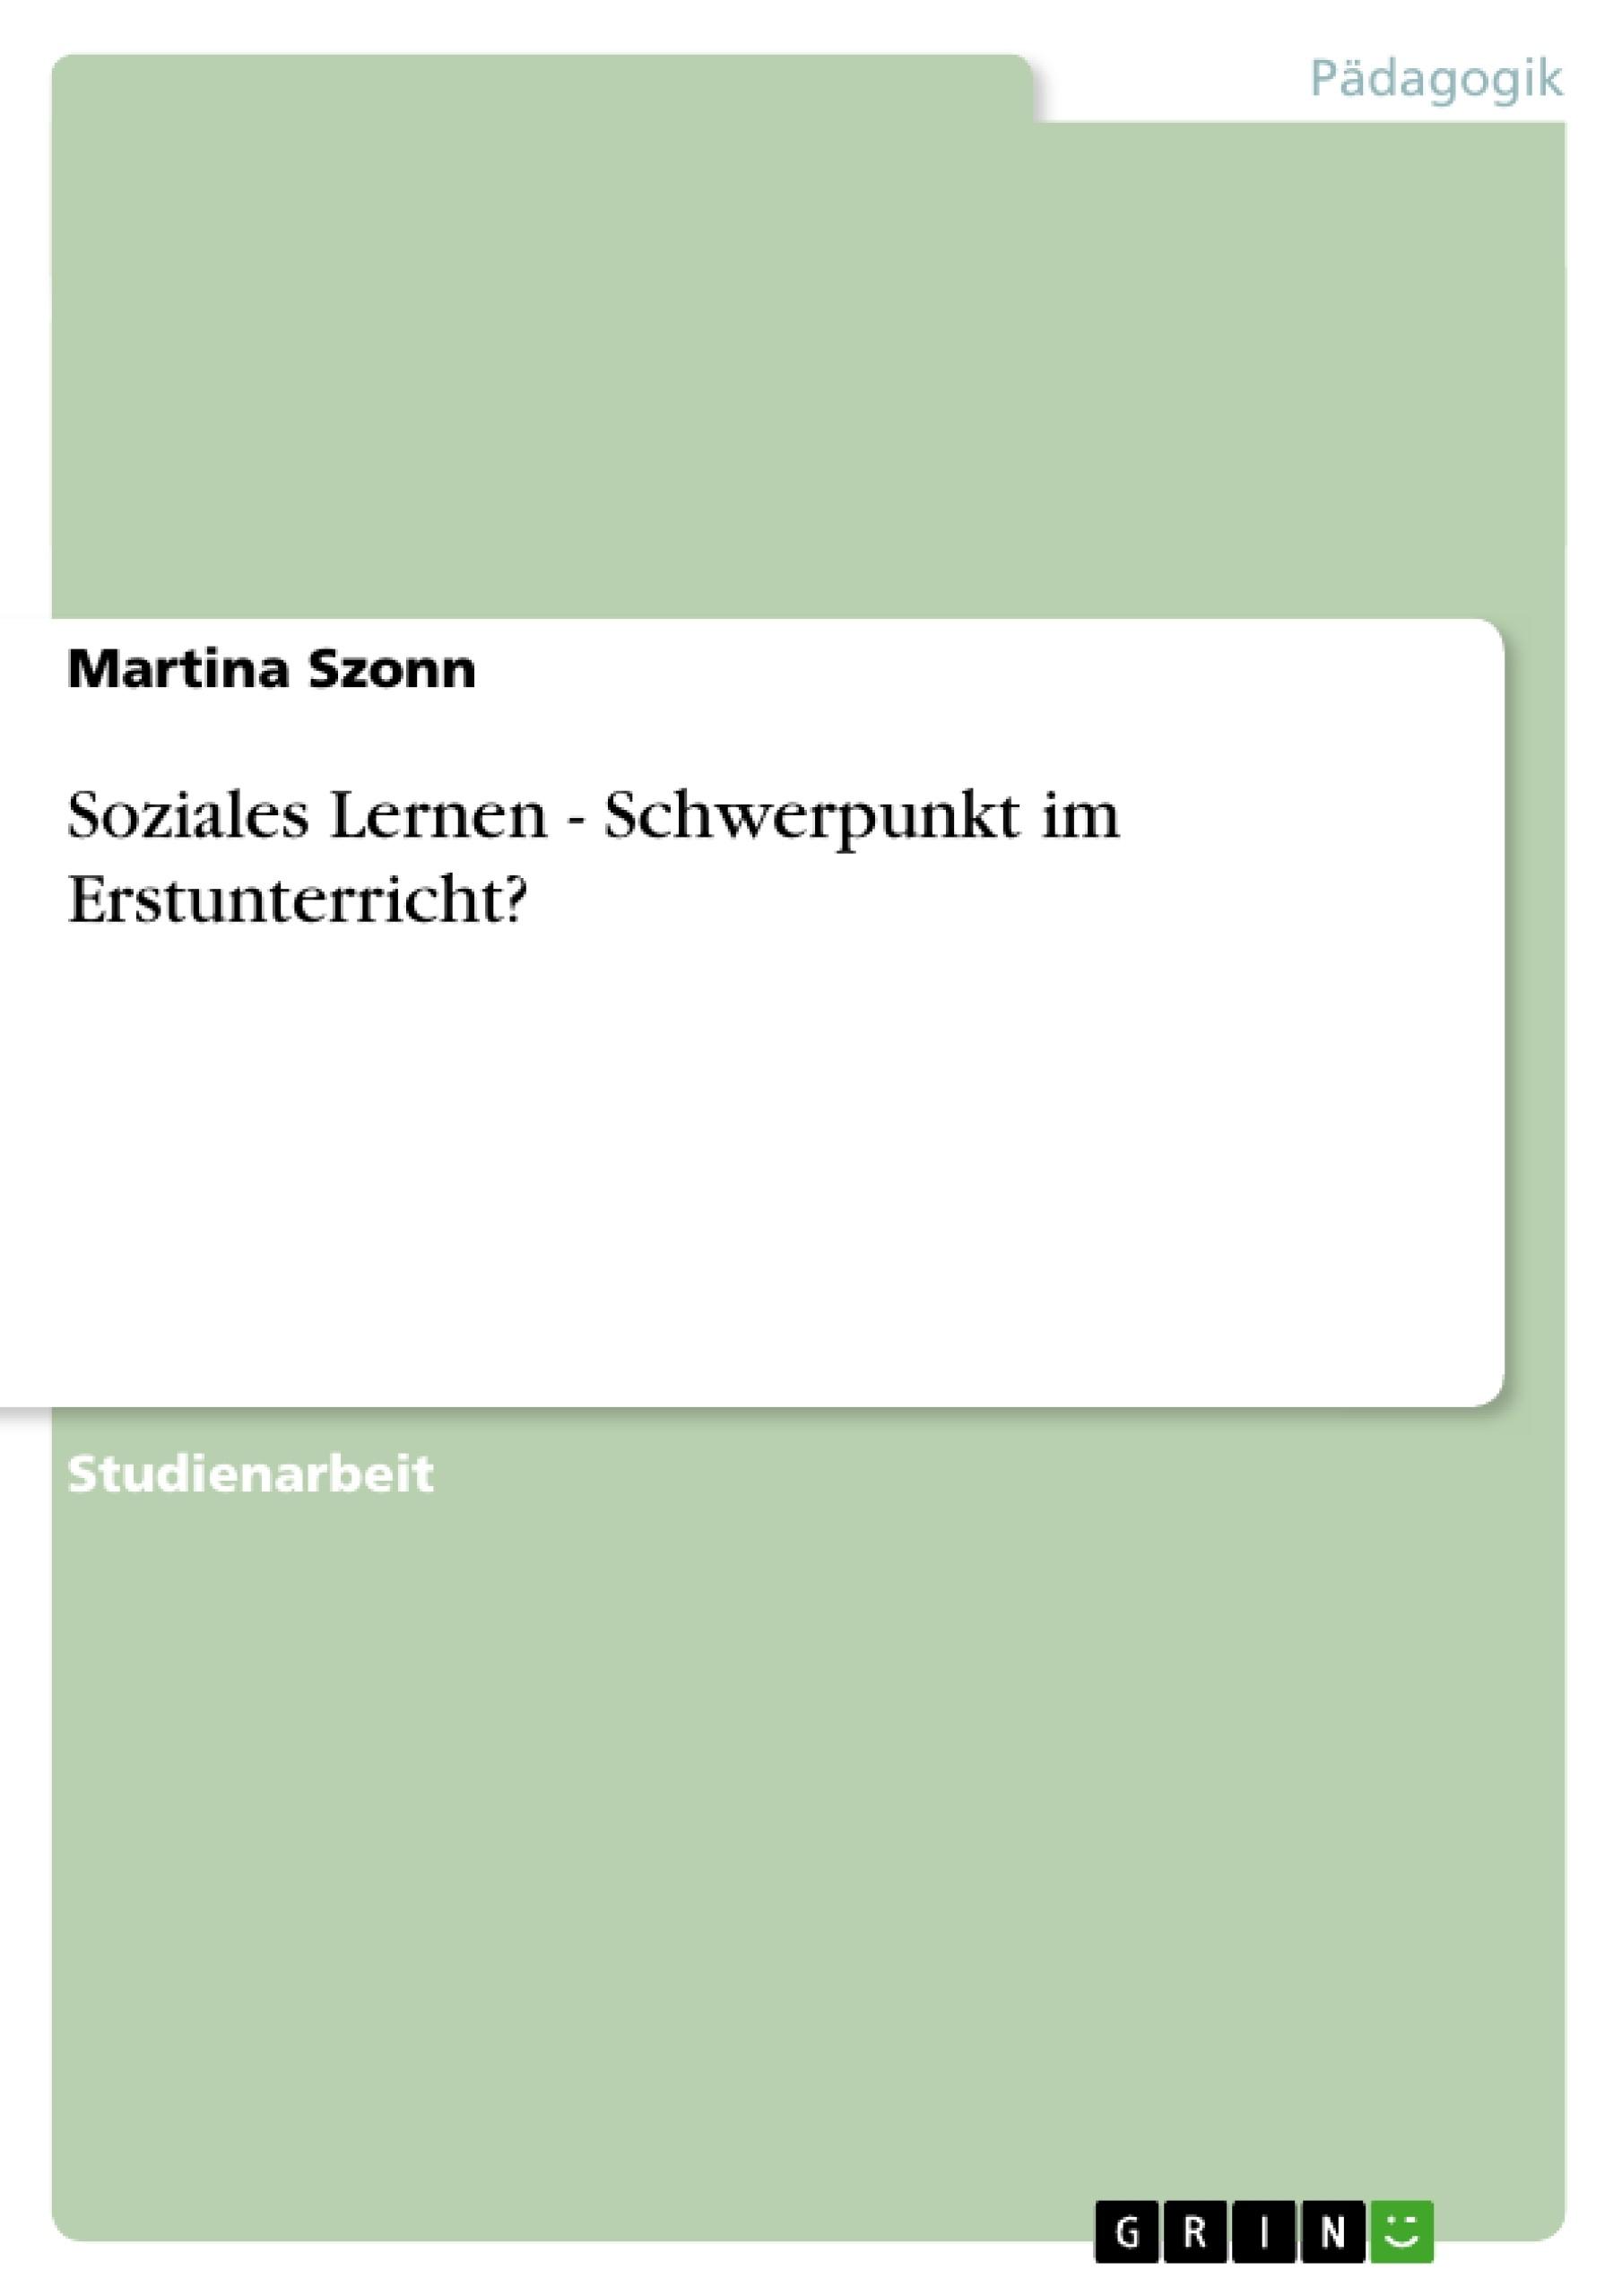 Titel: Soziales Lernen - Schwerpunkt im Erstunterricht?